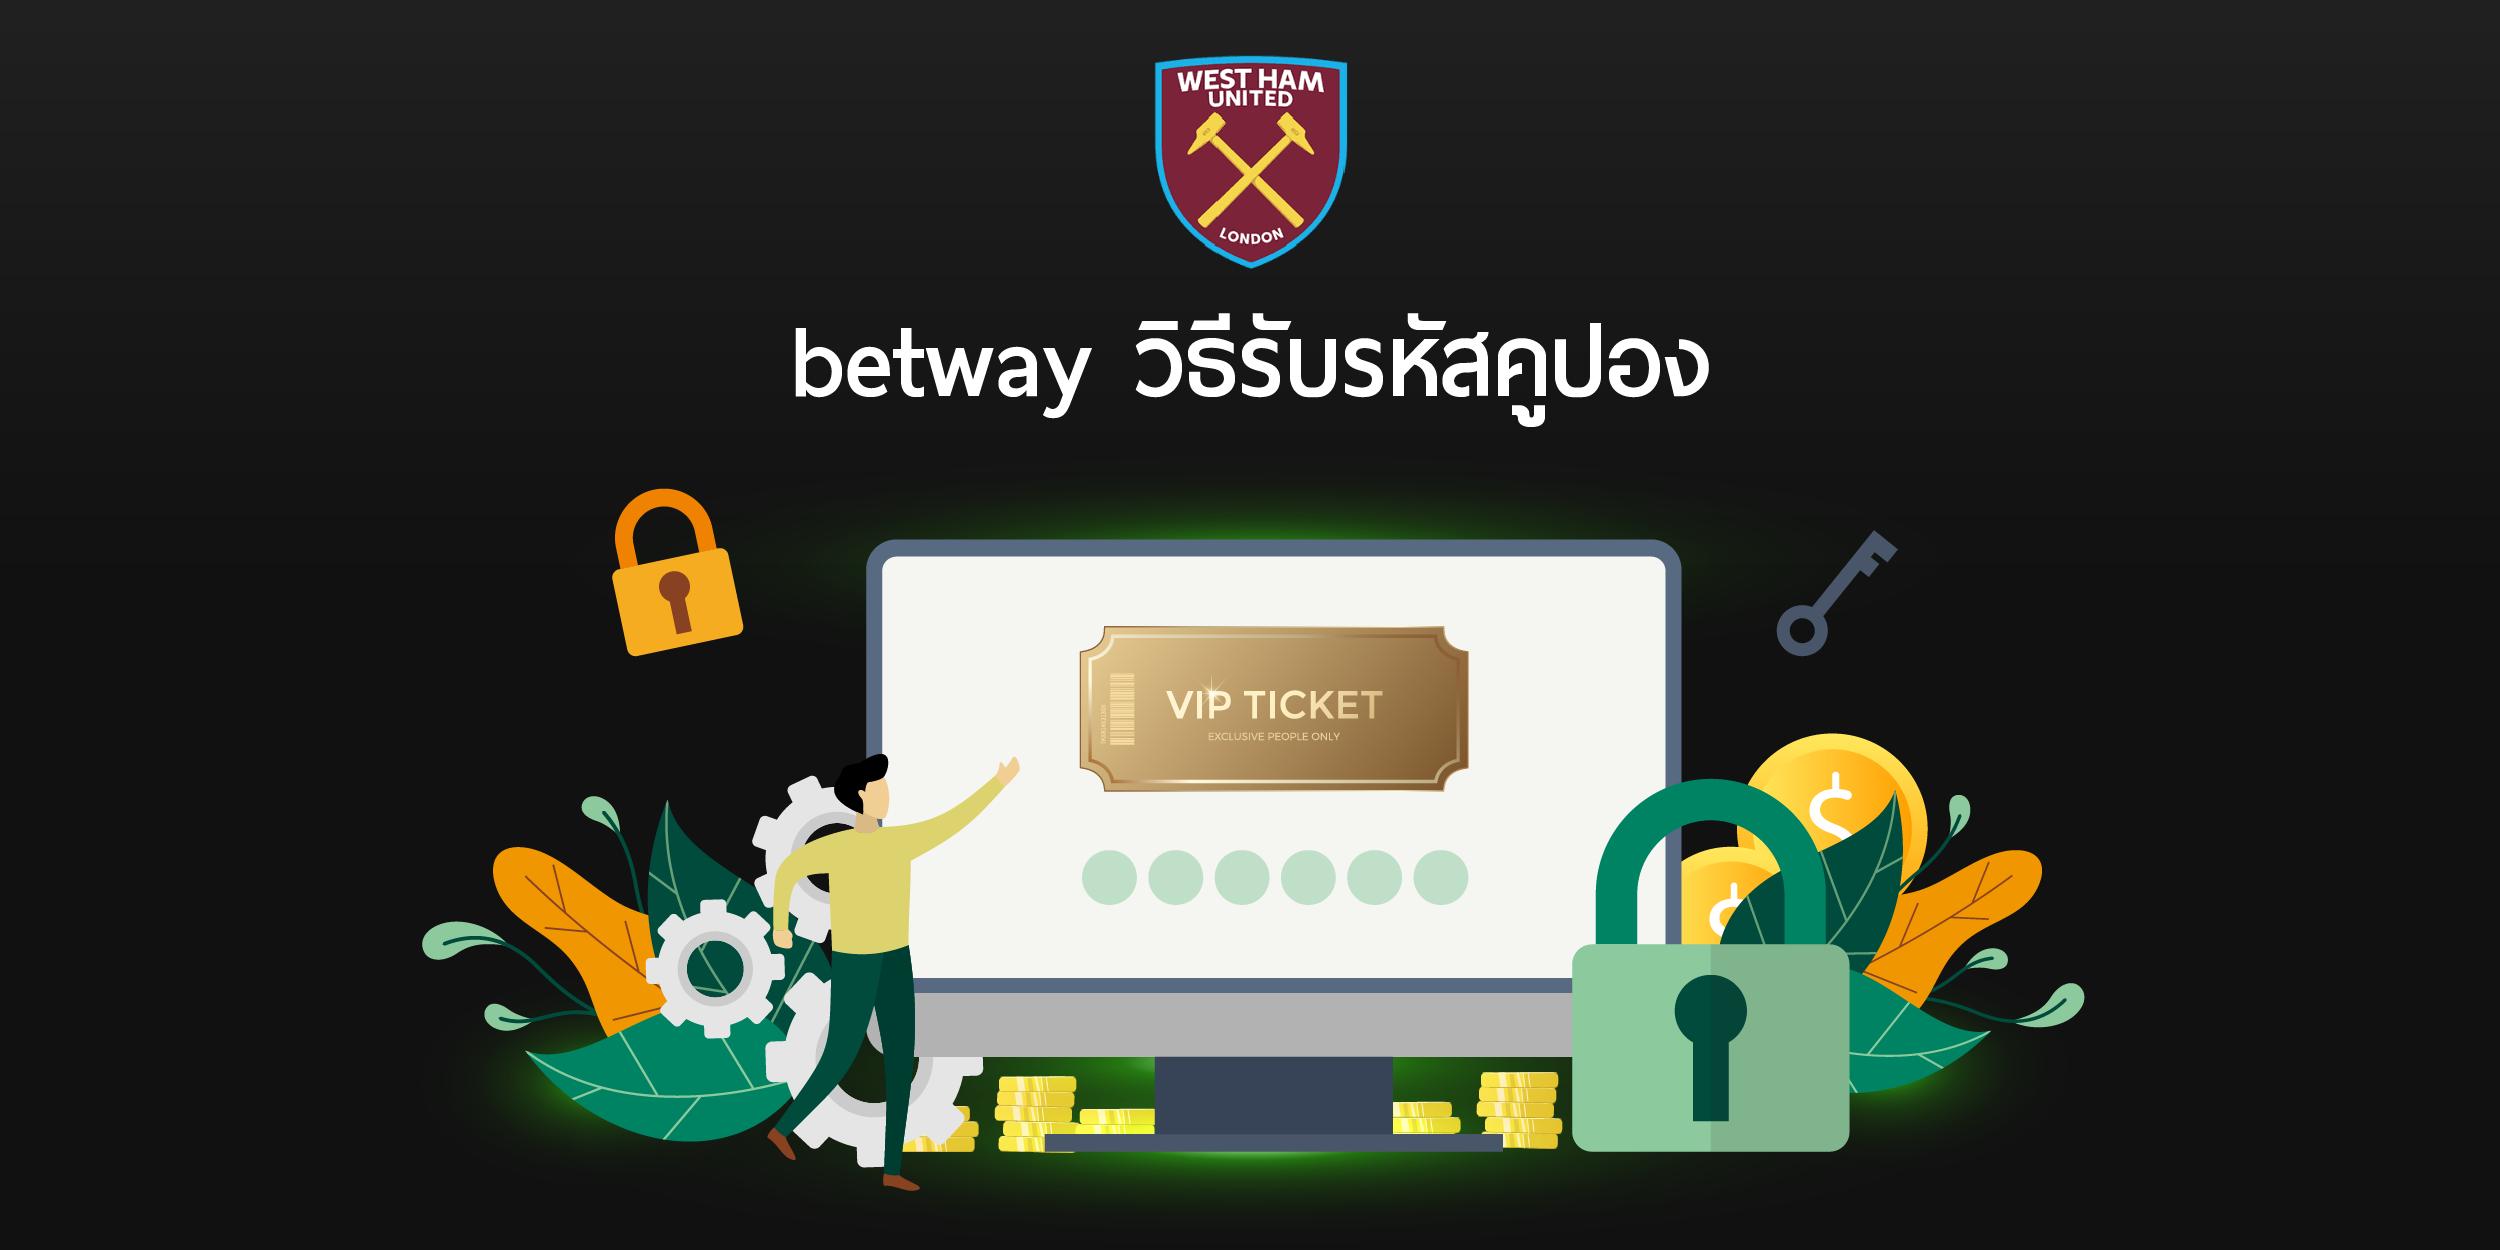 betway รหัสคูปอง มีวิธีรับรหัสยังไง ใช้ทำอะไรได้บ้างมาดูกัน2 min read